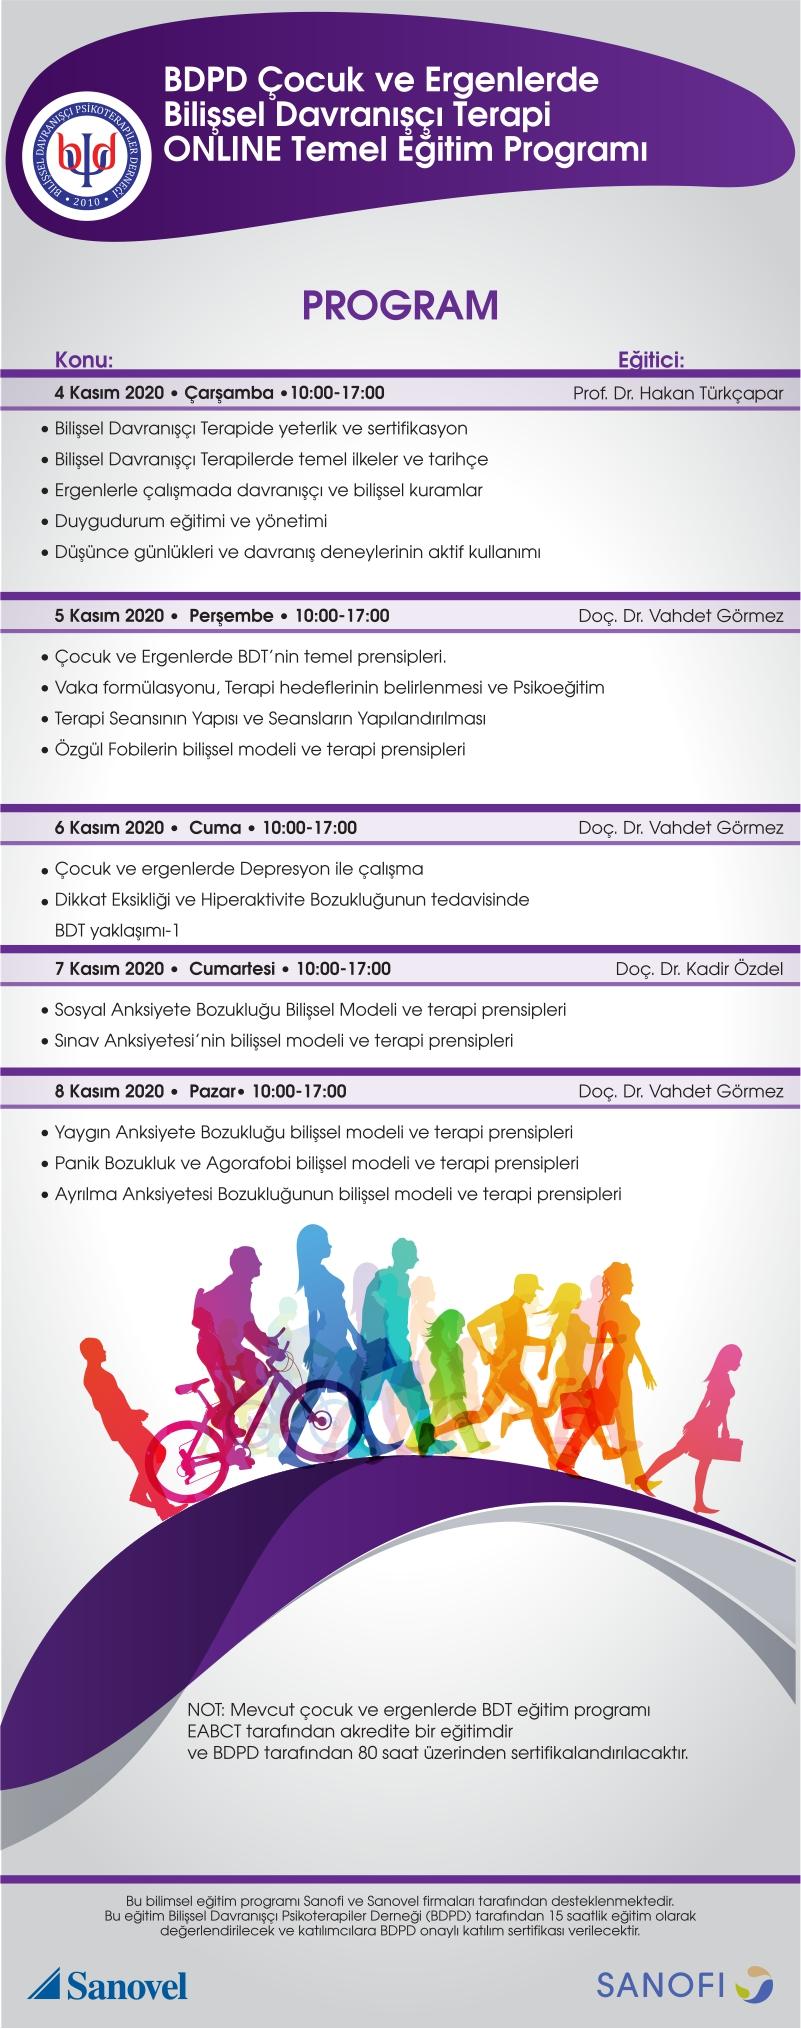 BDPD Çocuk ve Ergenlerde Bilişsel Davranışçı Terapi Temel Kuramsal Programı/Ocak 2021